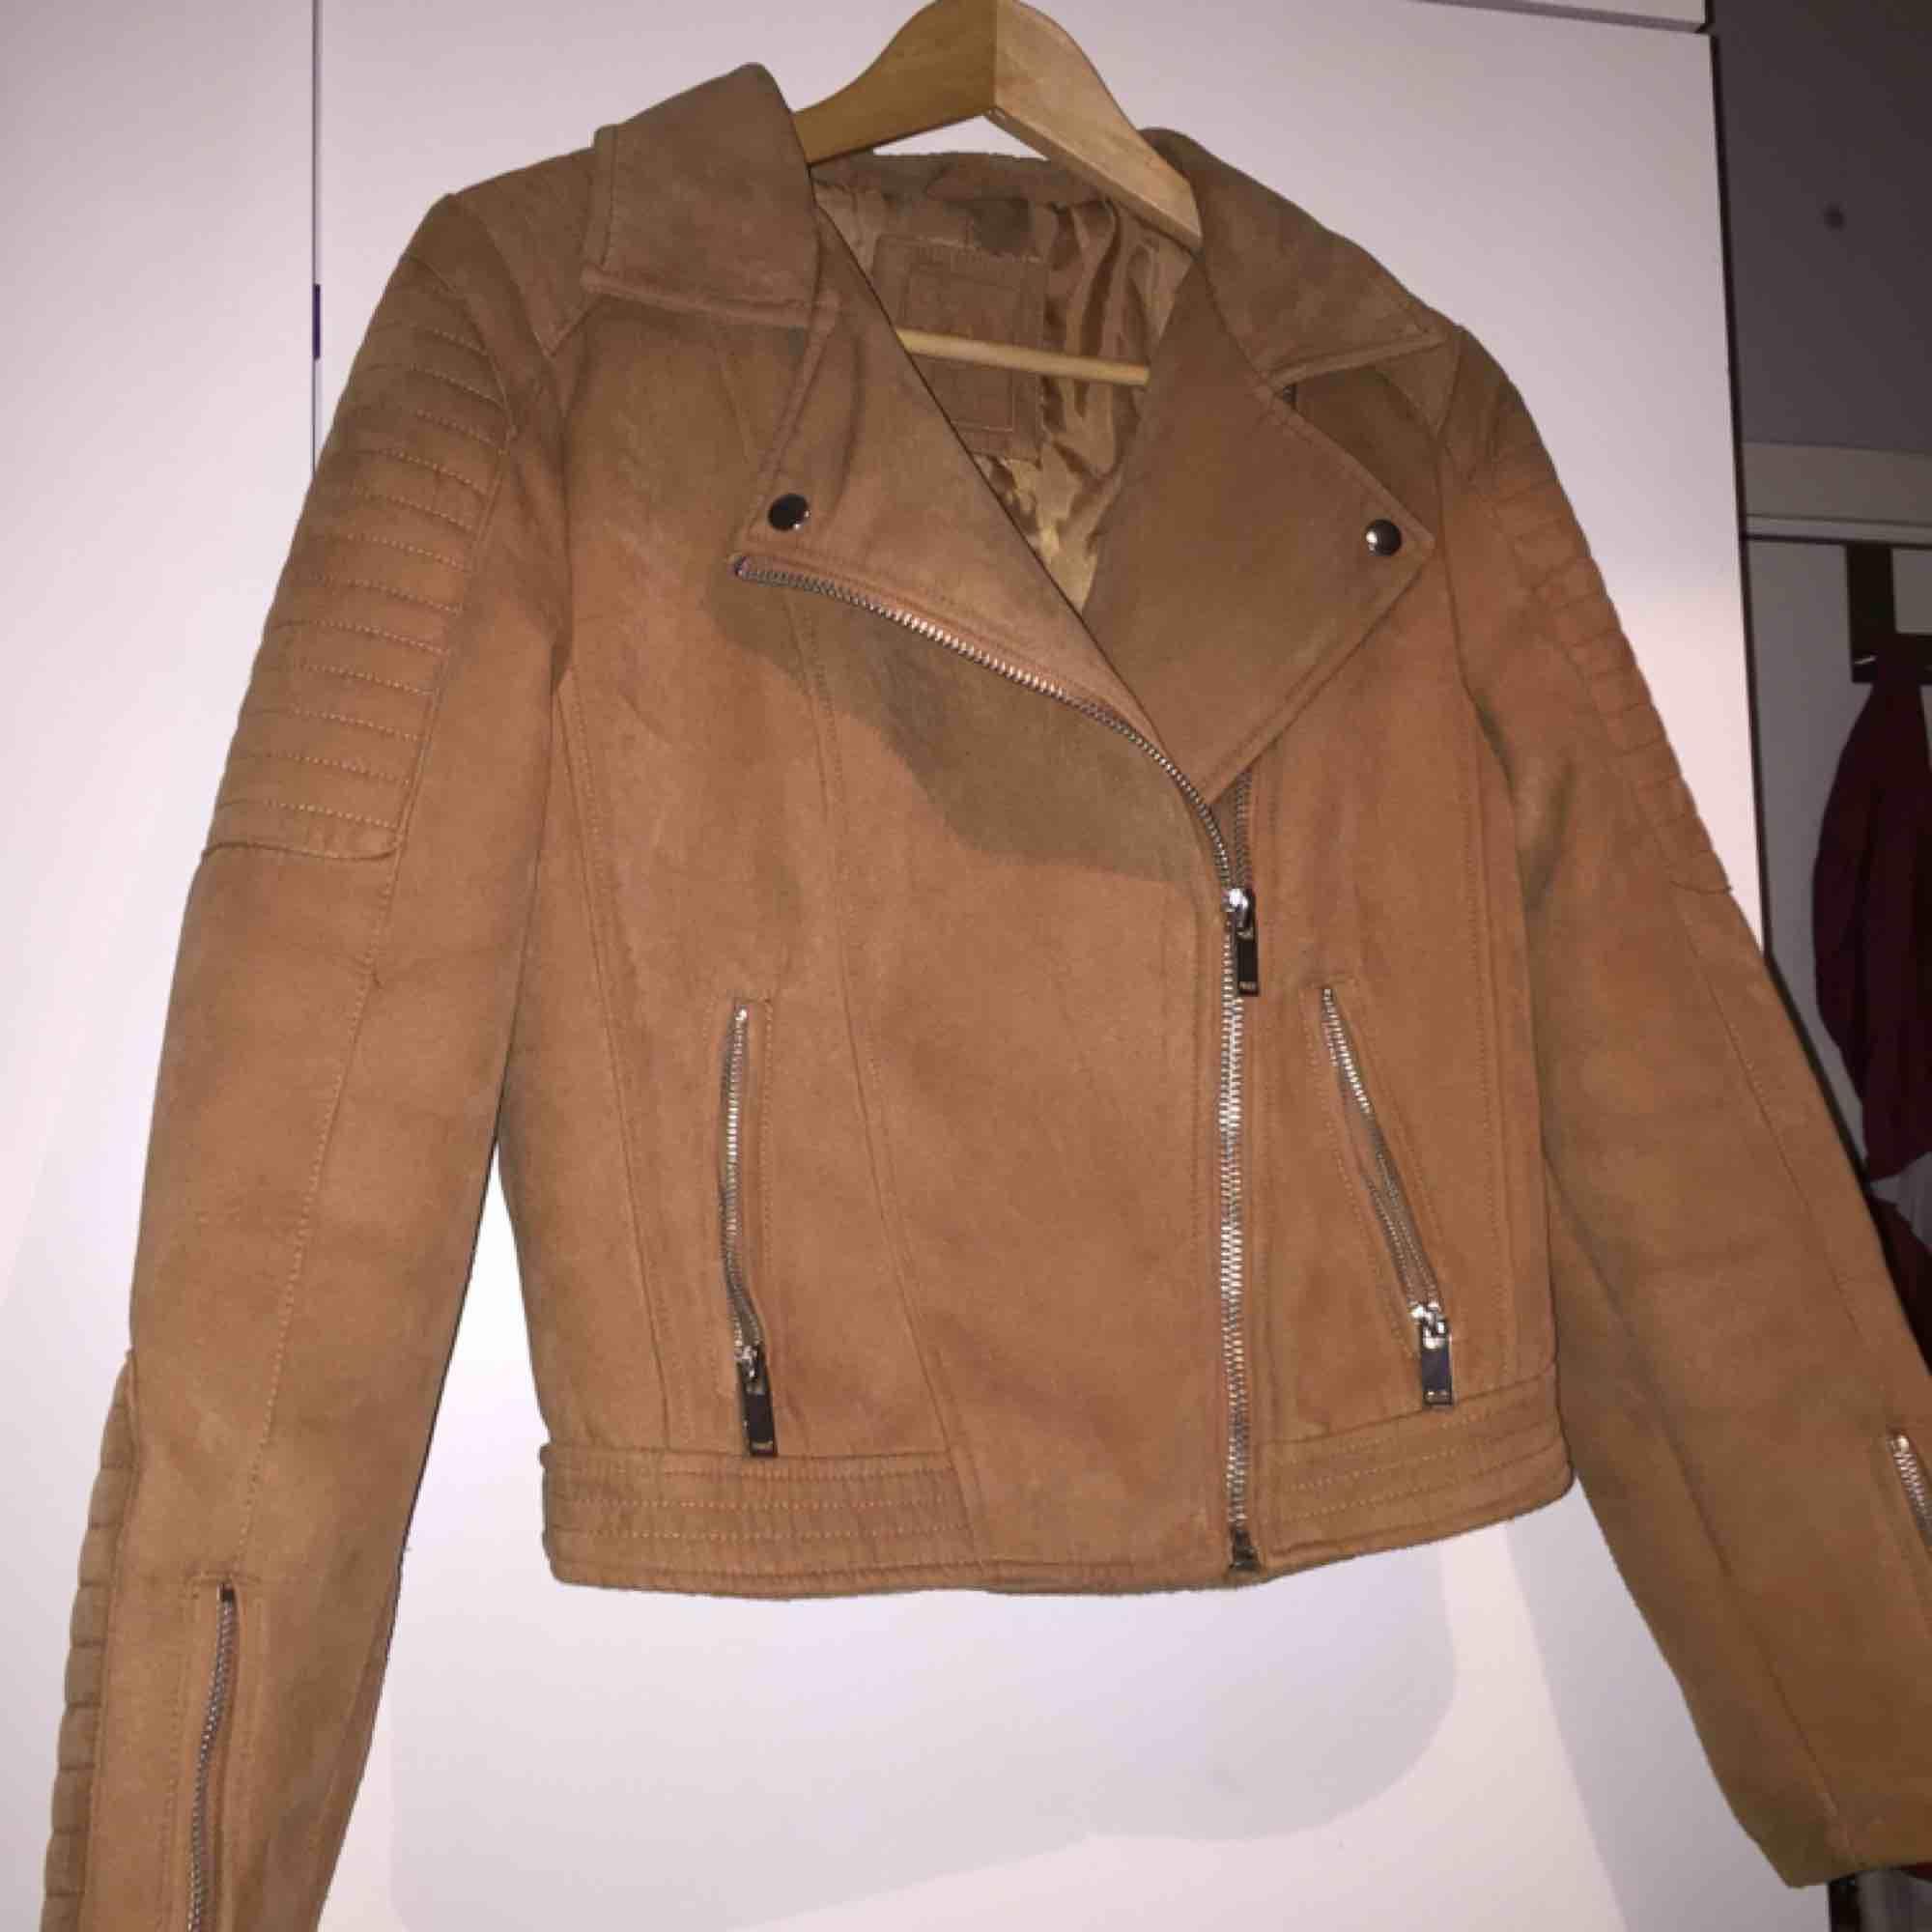 Oanvänd jacka i mocka imitation ifrån Cubus i storlek 38. Säljs då den aldrig används. Hämtas i Göteborg. Jackor.